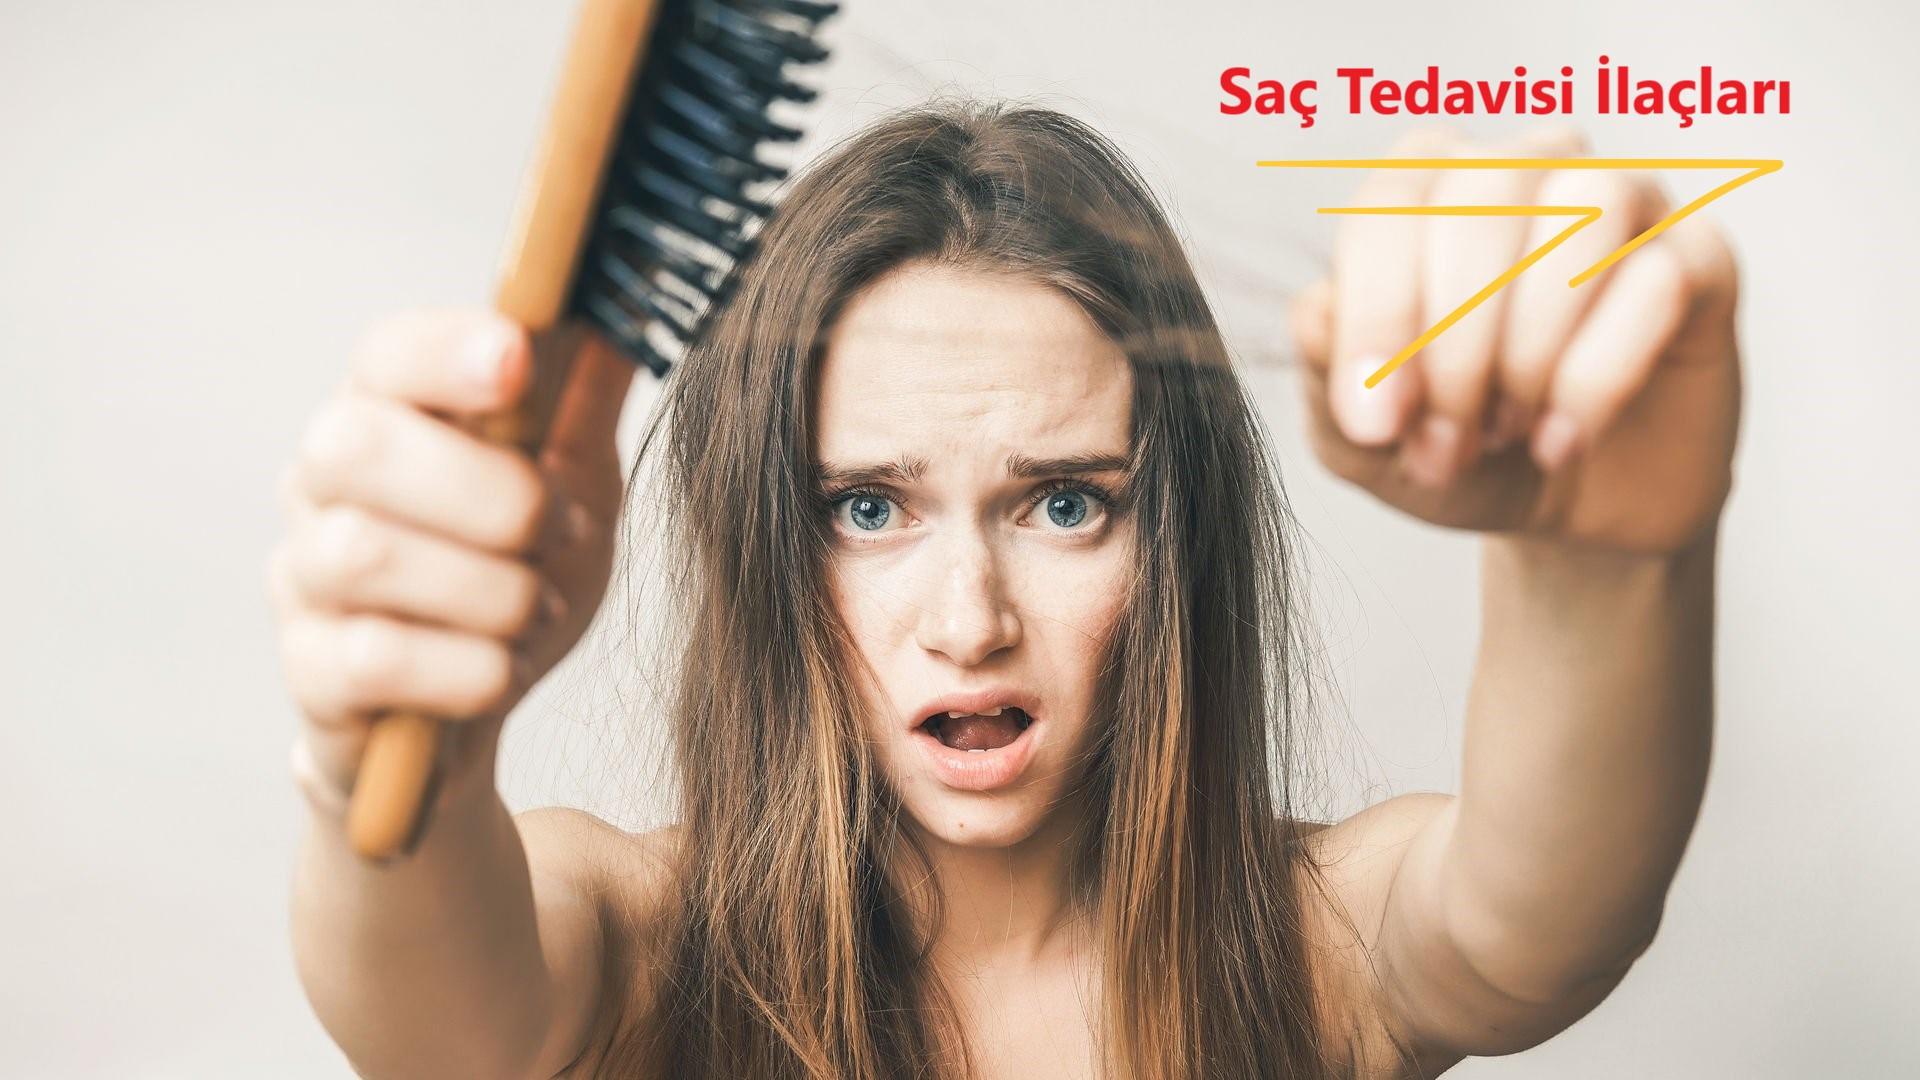 Saç Tedavisi İlaçları